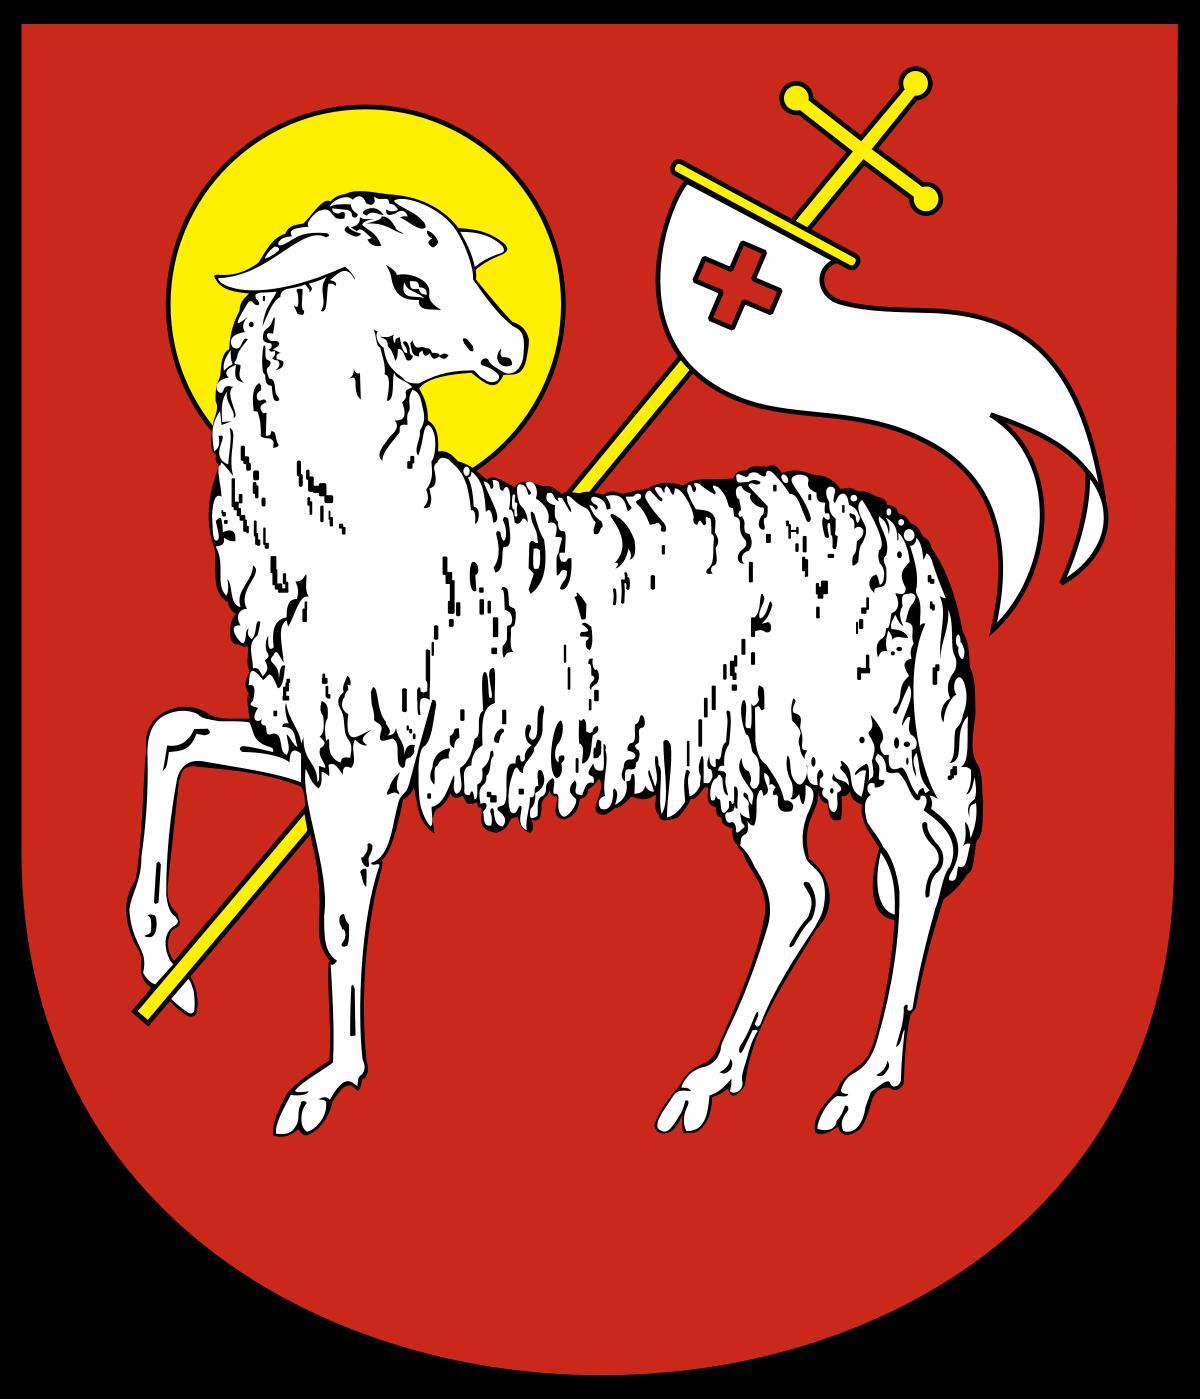 """herb przedstawia """"Wielkanocnego Baranka"""" na czerwonym polu, podtrzymującego przednią nogą proporczyk z wiszącą na nim białą flagą z krzyżem. Głowa baranka posiada żółtą (złotą) aureolę i skierowana jest w prawą stronę."""